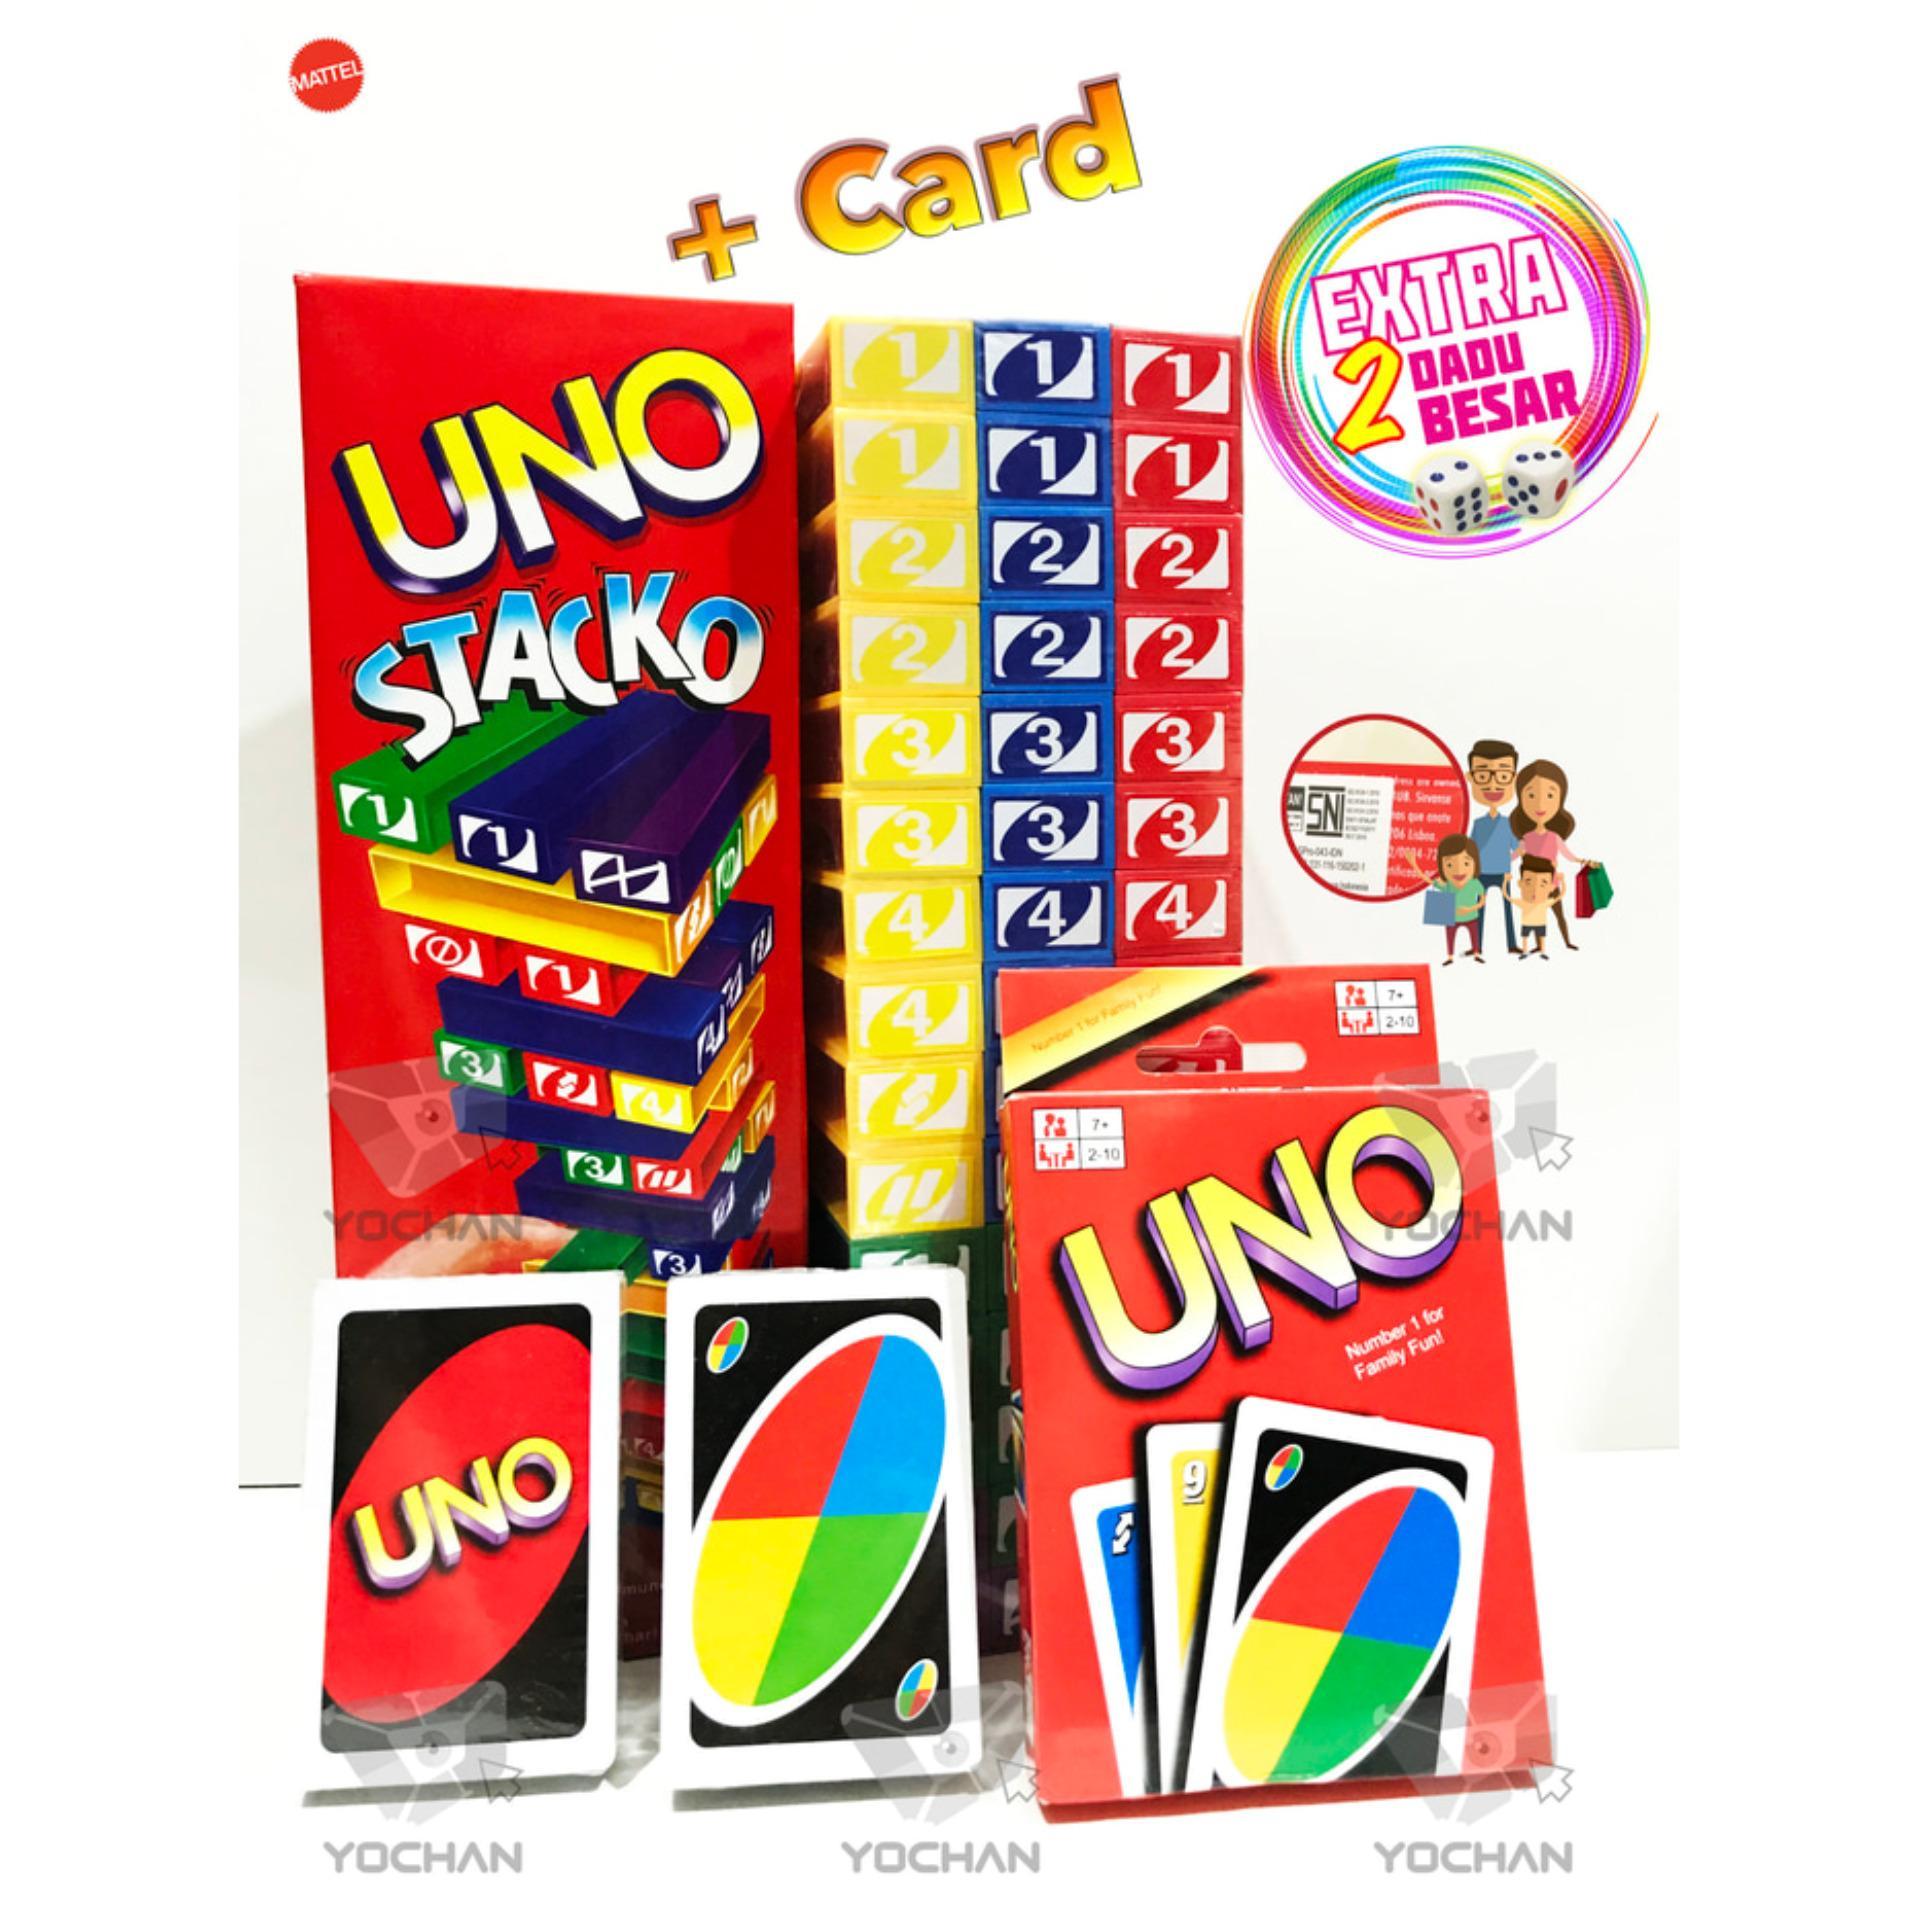 ... UNO STACKO + UNO Card + 2 Dices !